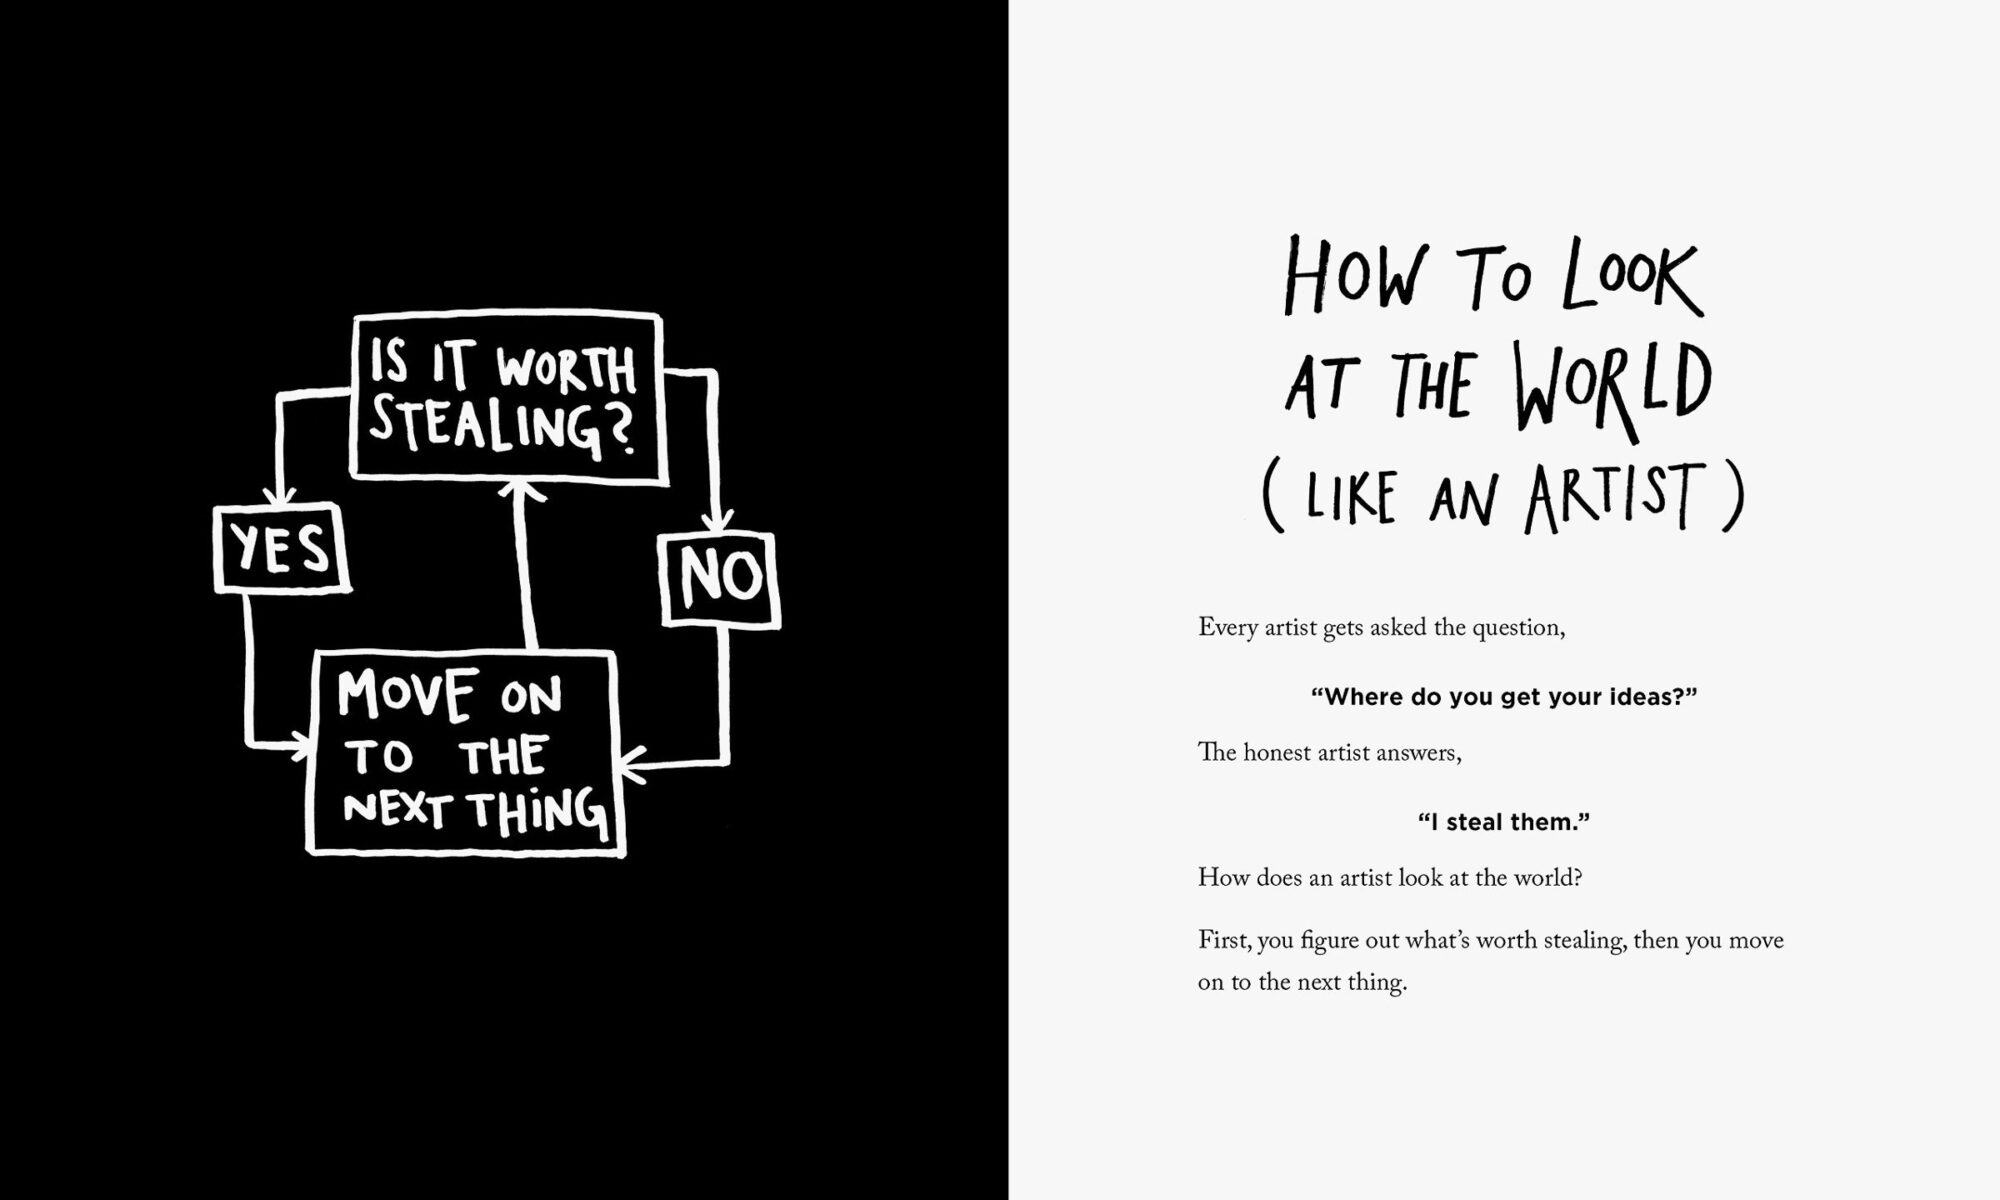 Página de Steal Like an Artist. Cómo mirar el mundo como un artista. Derechos: Austin Kleon.